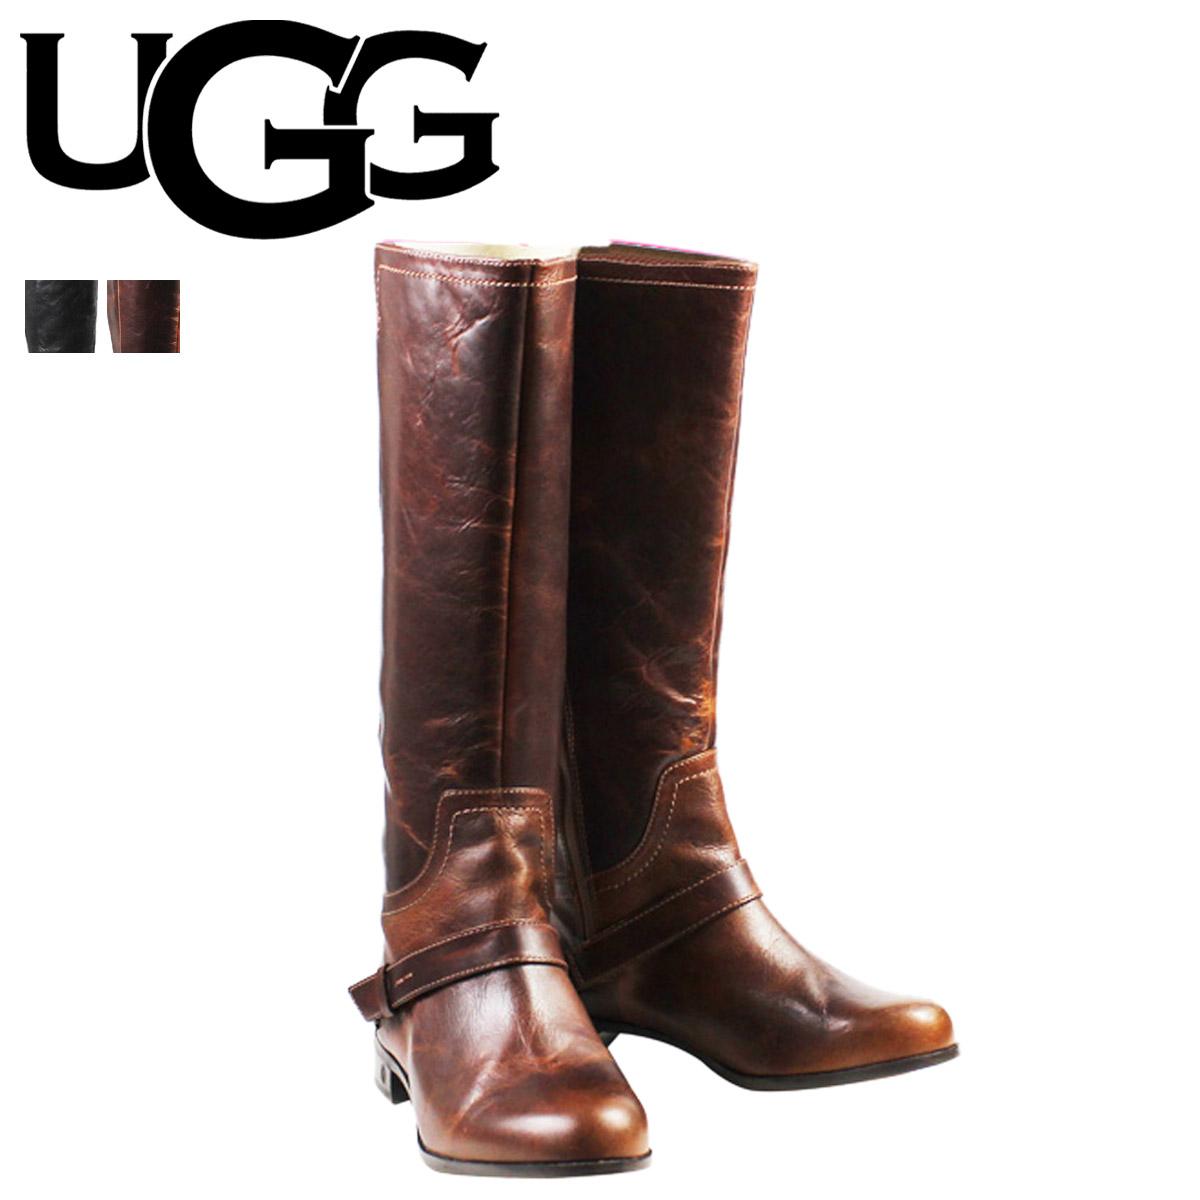 UGG アグ ブーツ ロングブーツ チャニング 2 WOMENS CHANNING 2 1001637 シープスキン レディース